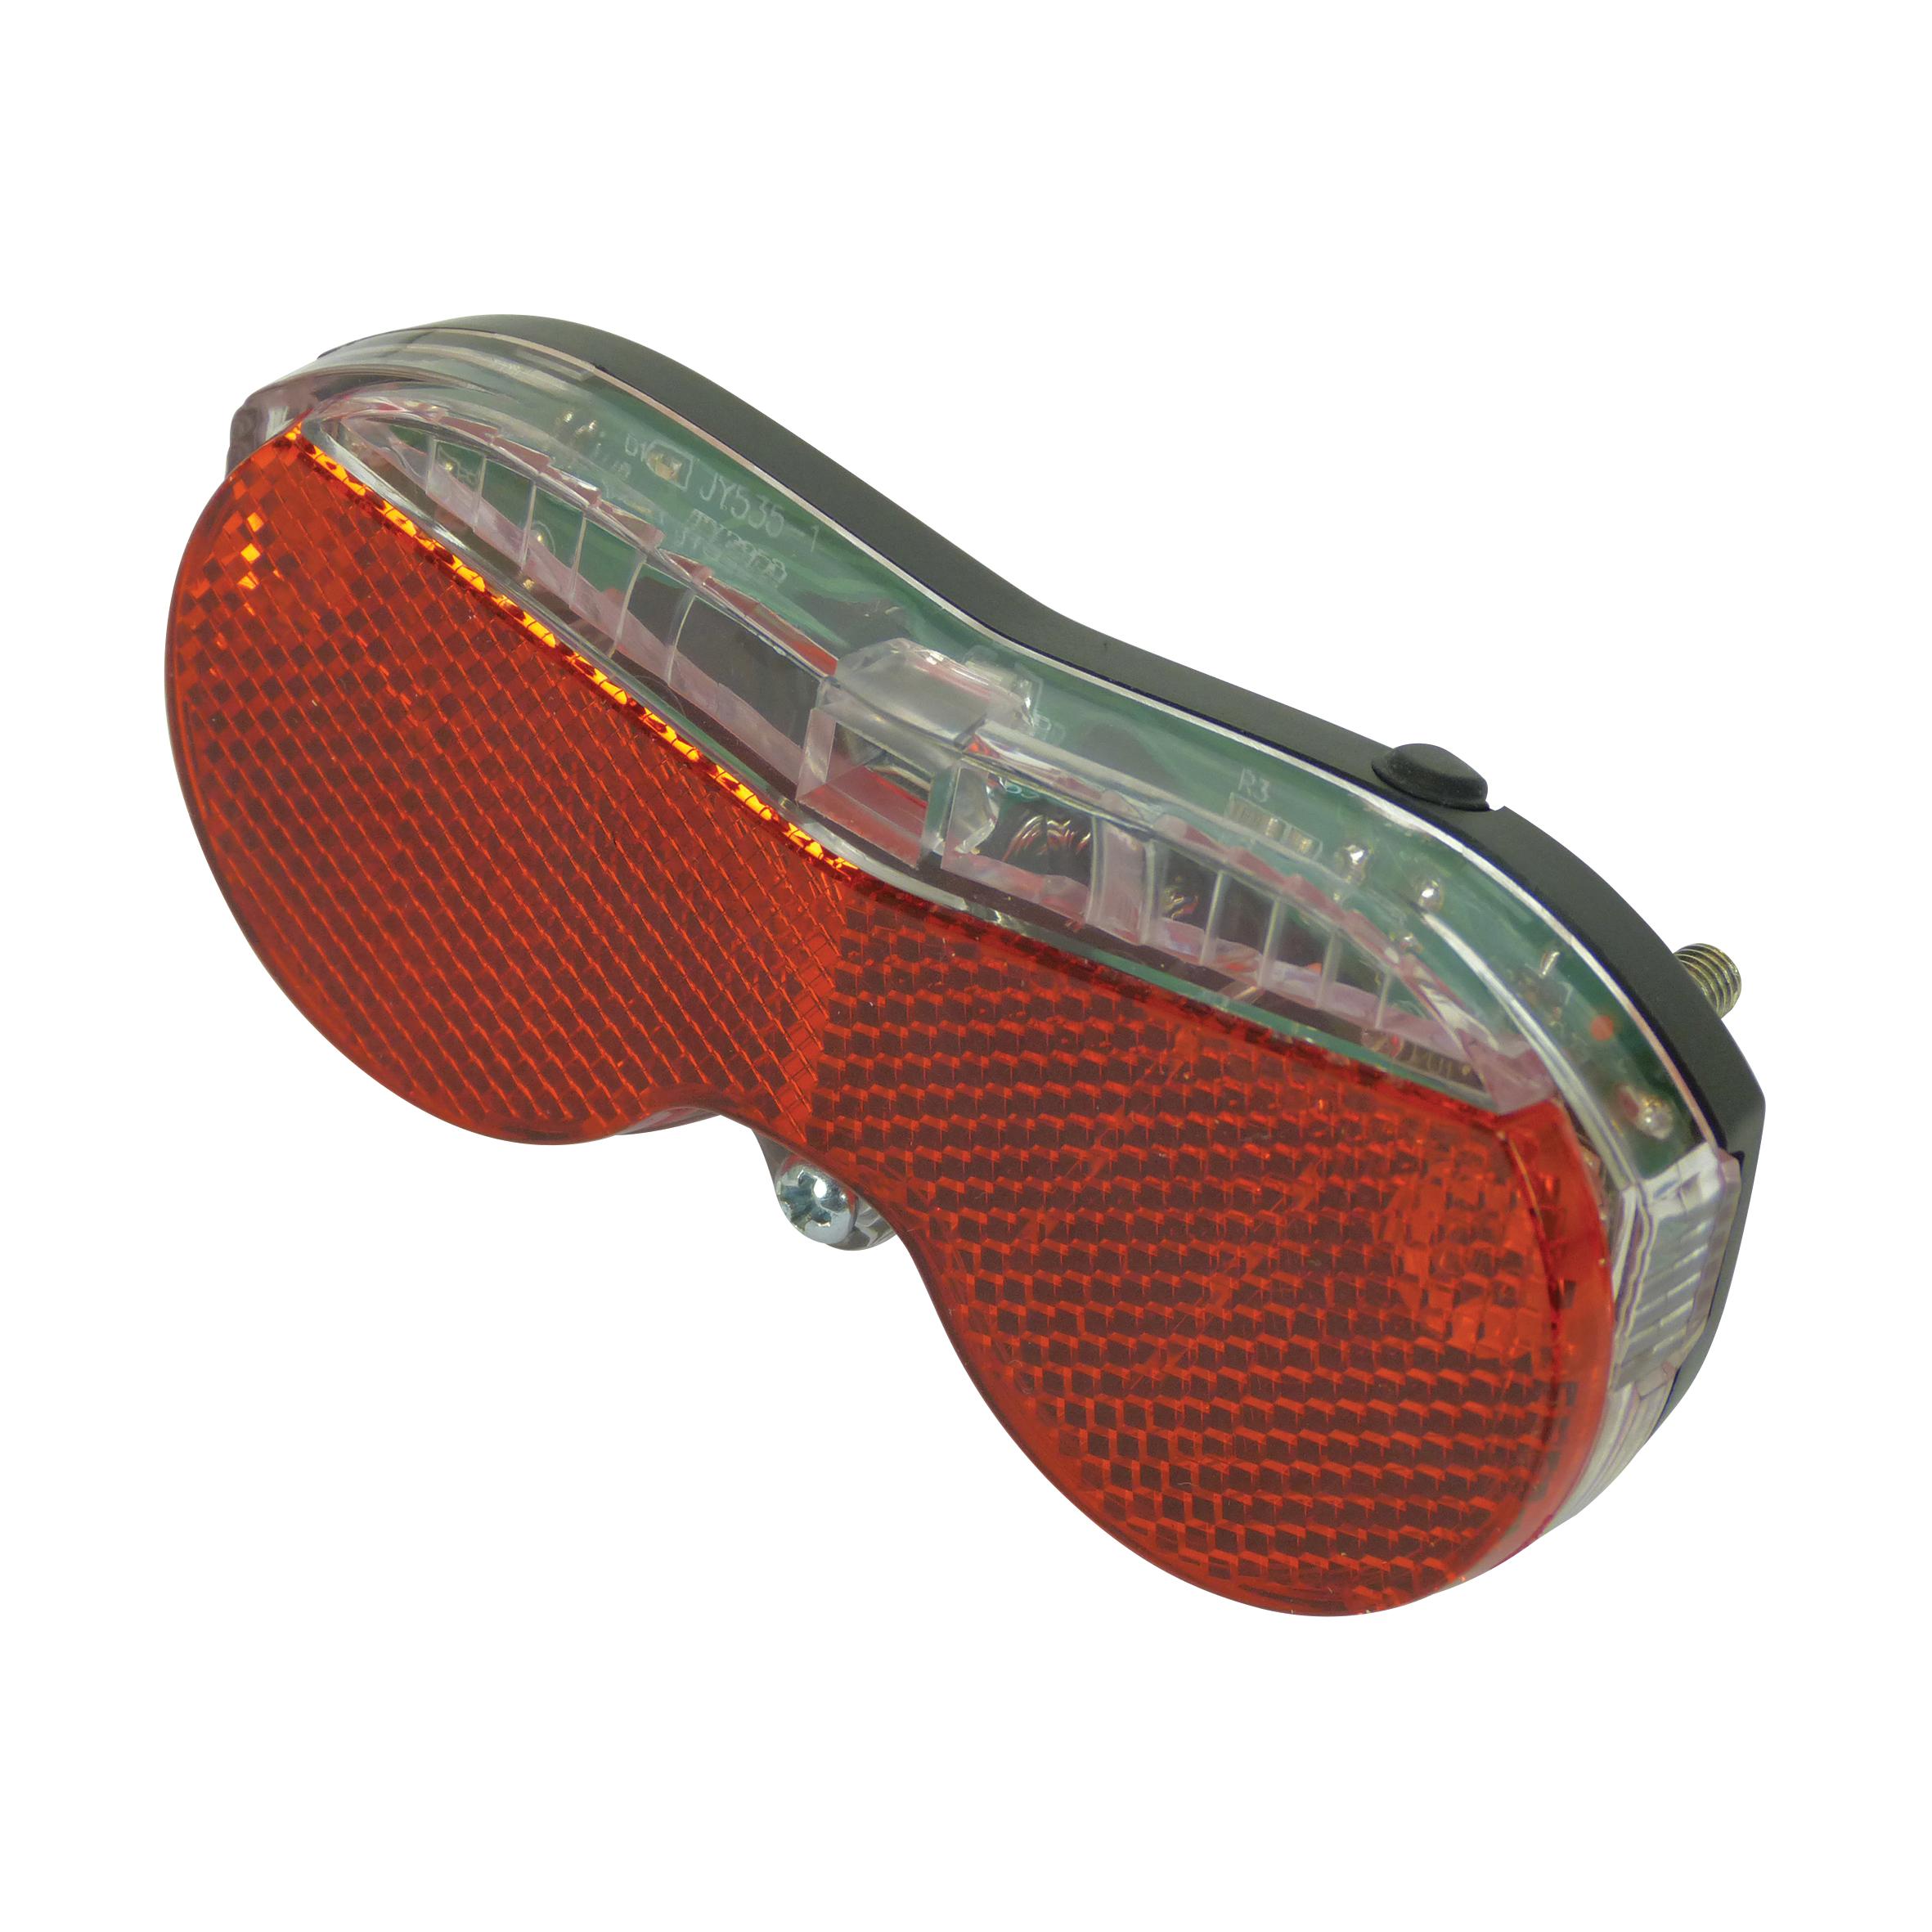 Achterlicht 3 LED S met reflector